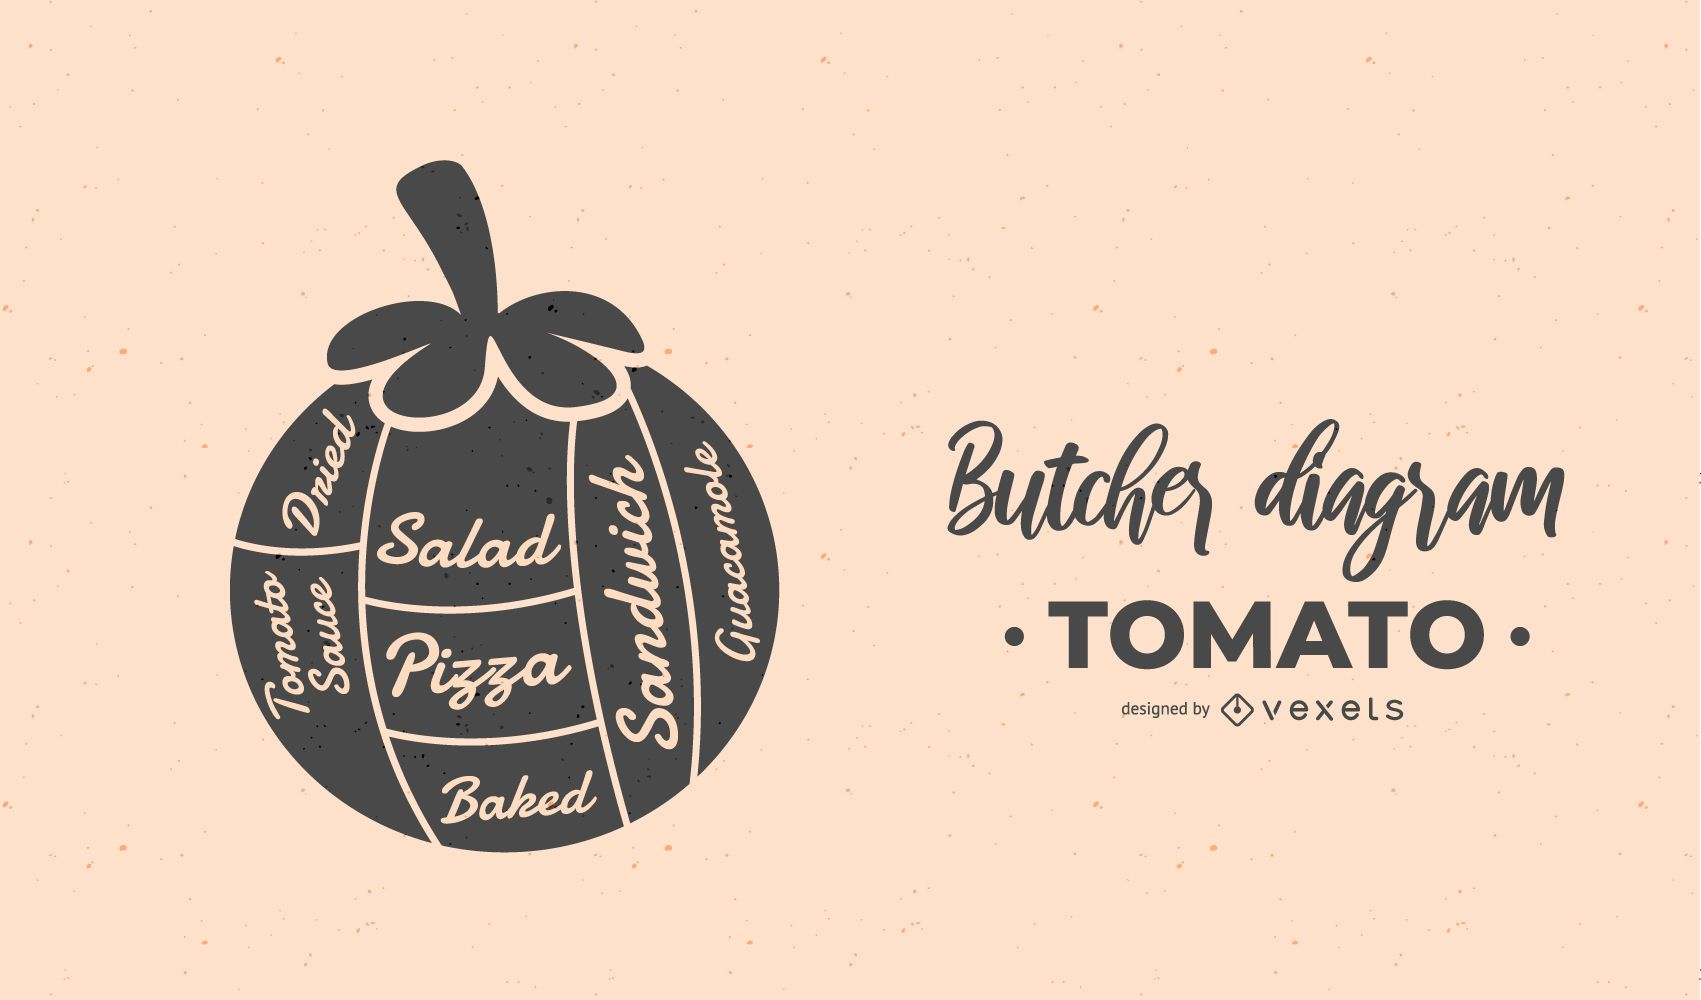 tomato butcher diagram design